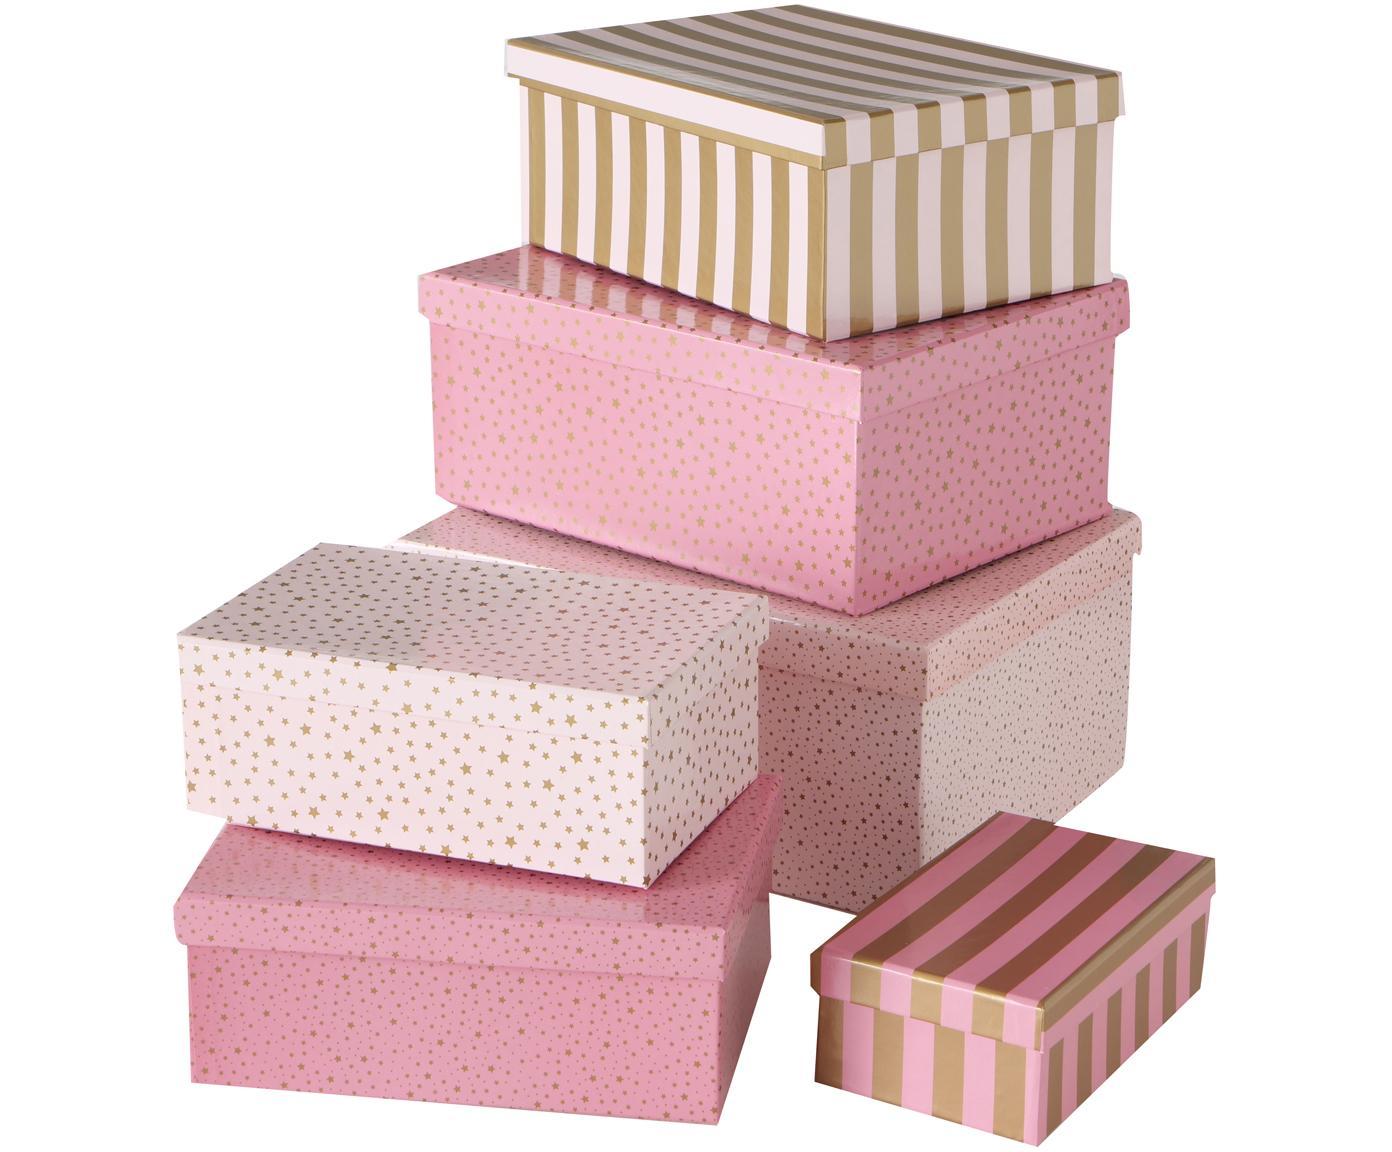 Geschenkbox-Set Marit, 6-tlg., Papier, Rosatöne, Goldfarben, Verschiedene Grössen